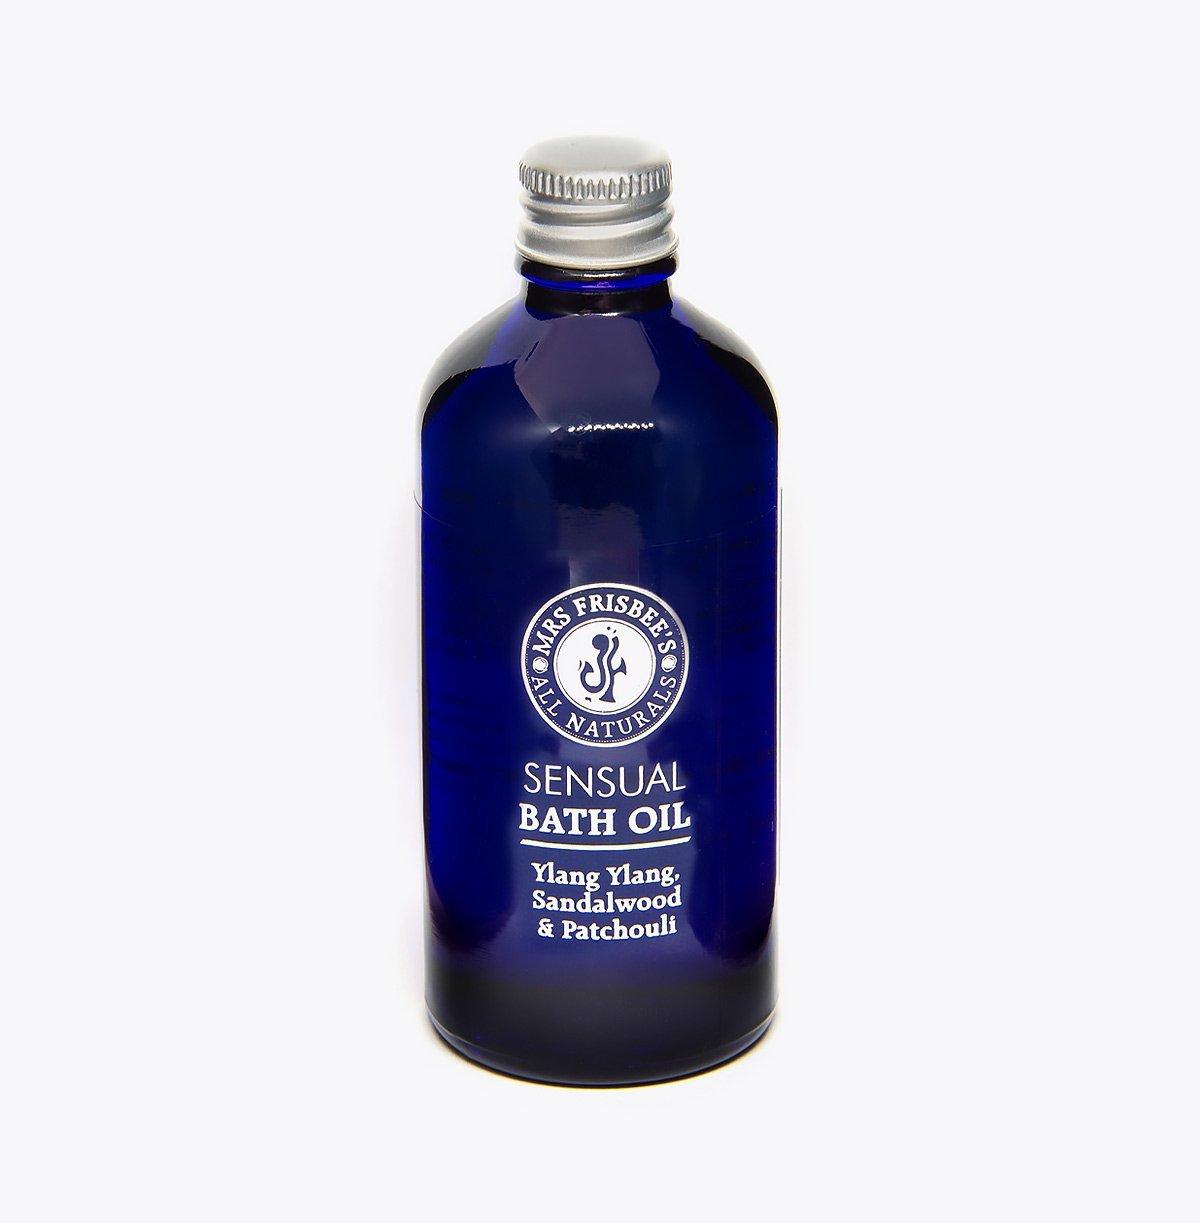 Sensual Bath Oil in recyclable glass bottle